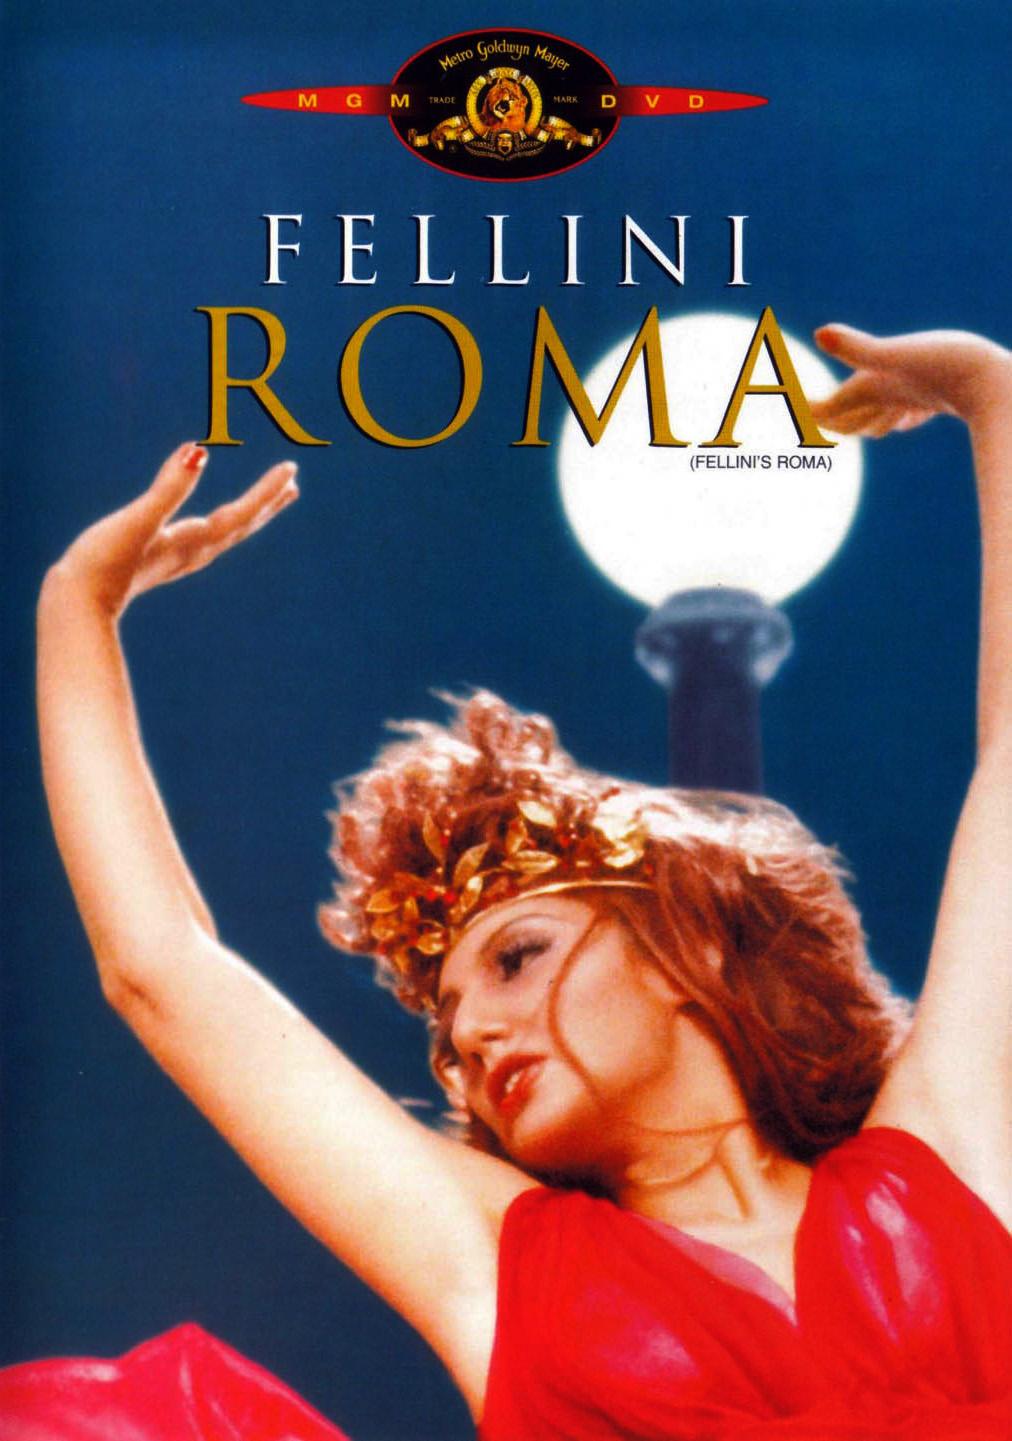 http://4.bp.blogspot.com/-MfXilGPPjl8/UTJJc1rm6UI/AAAAAAAACxA/j5Q8f27-36s/s1600/Roma_1972.jpg